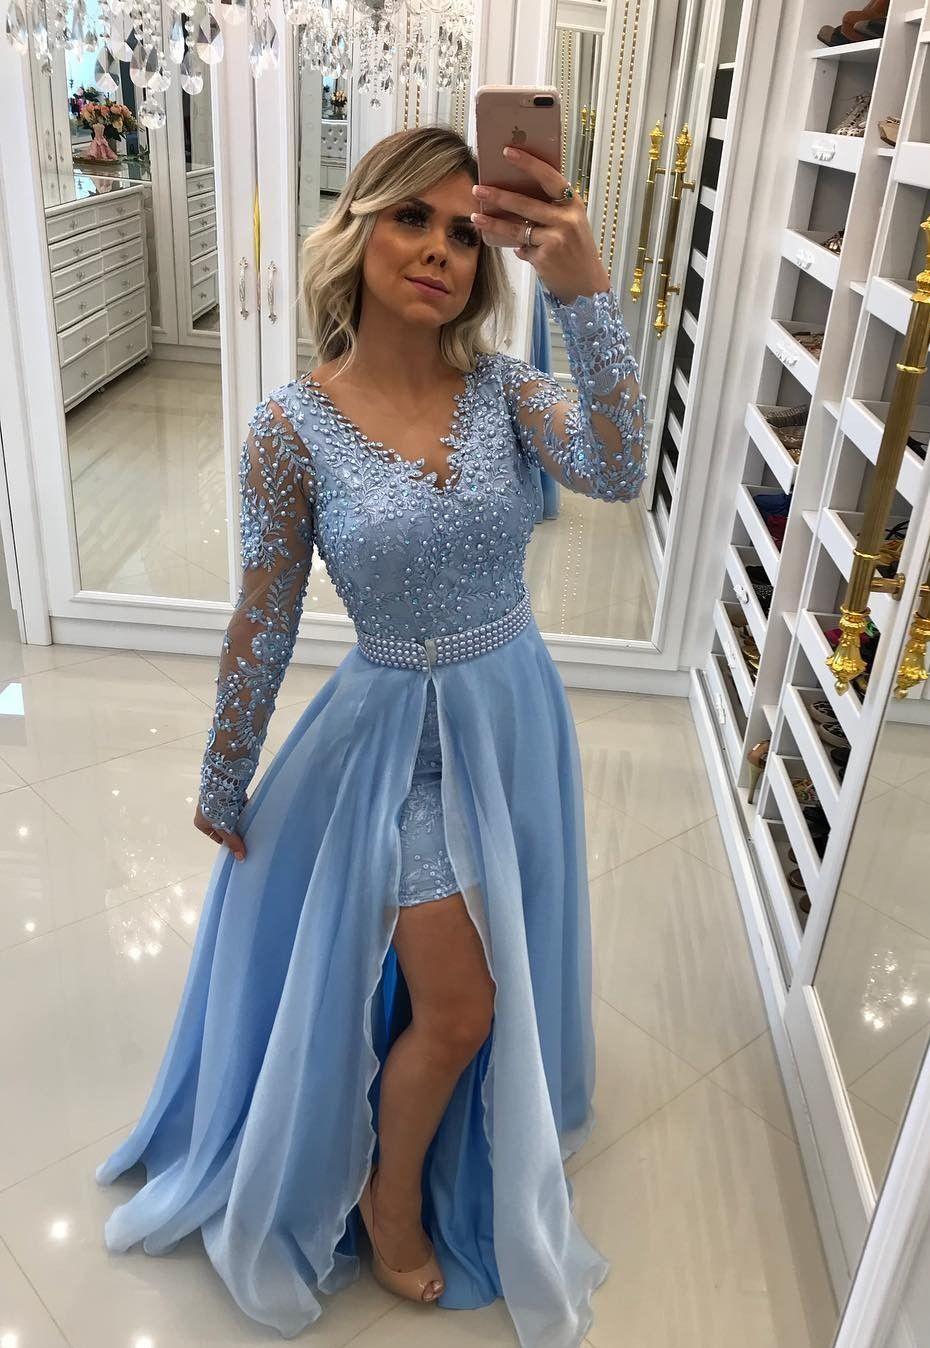 Blue Evening Dress 2019 Long Sleeve Prom Dress Ba8795 Evening Dresses Special Occ Prom Dresses Long With Sleeves Long Sleeve Prom Dress Lace Prom Dresses Long [ 1348 x 930 Pixel ]